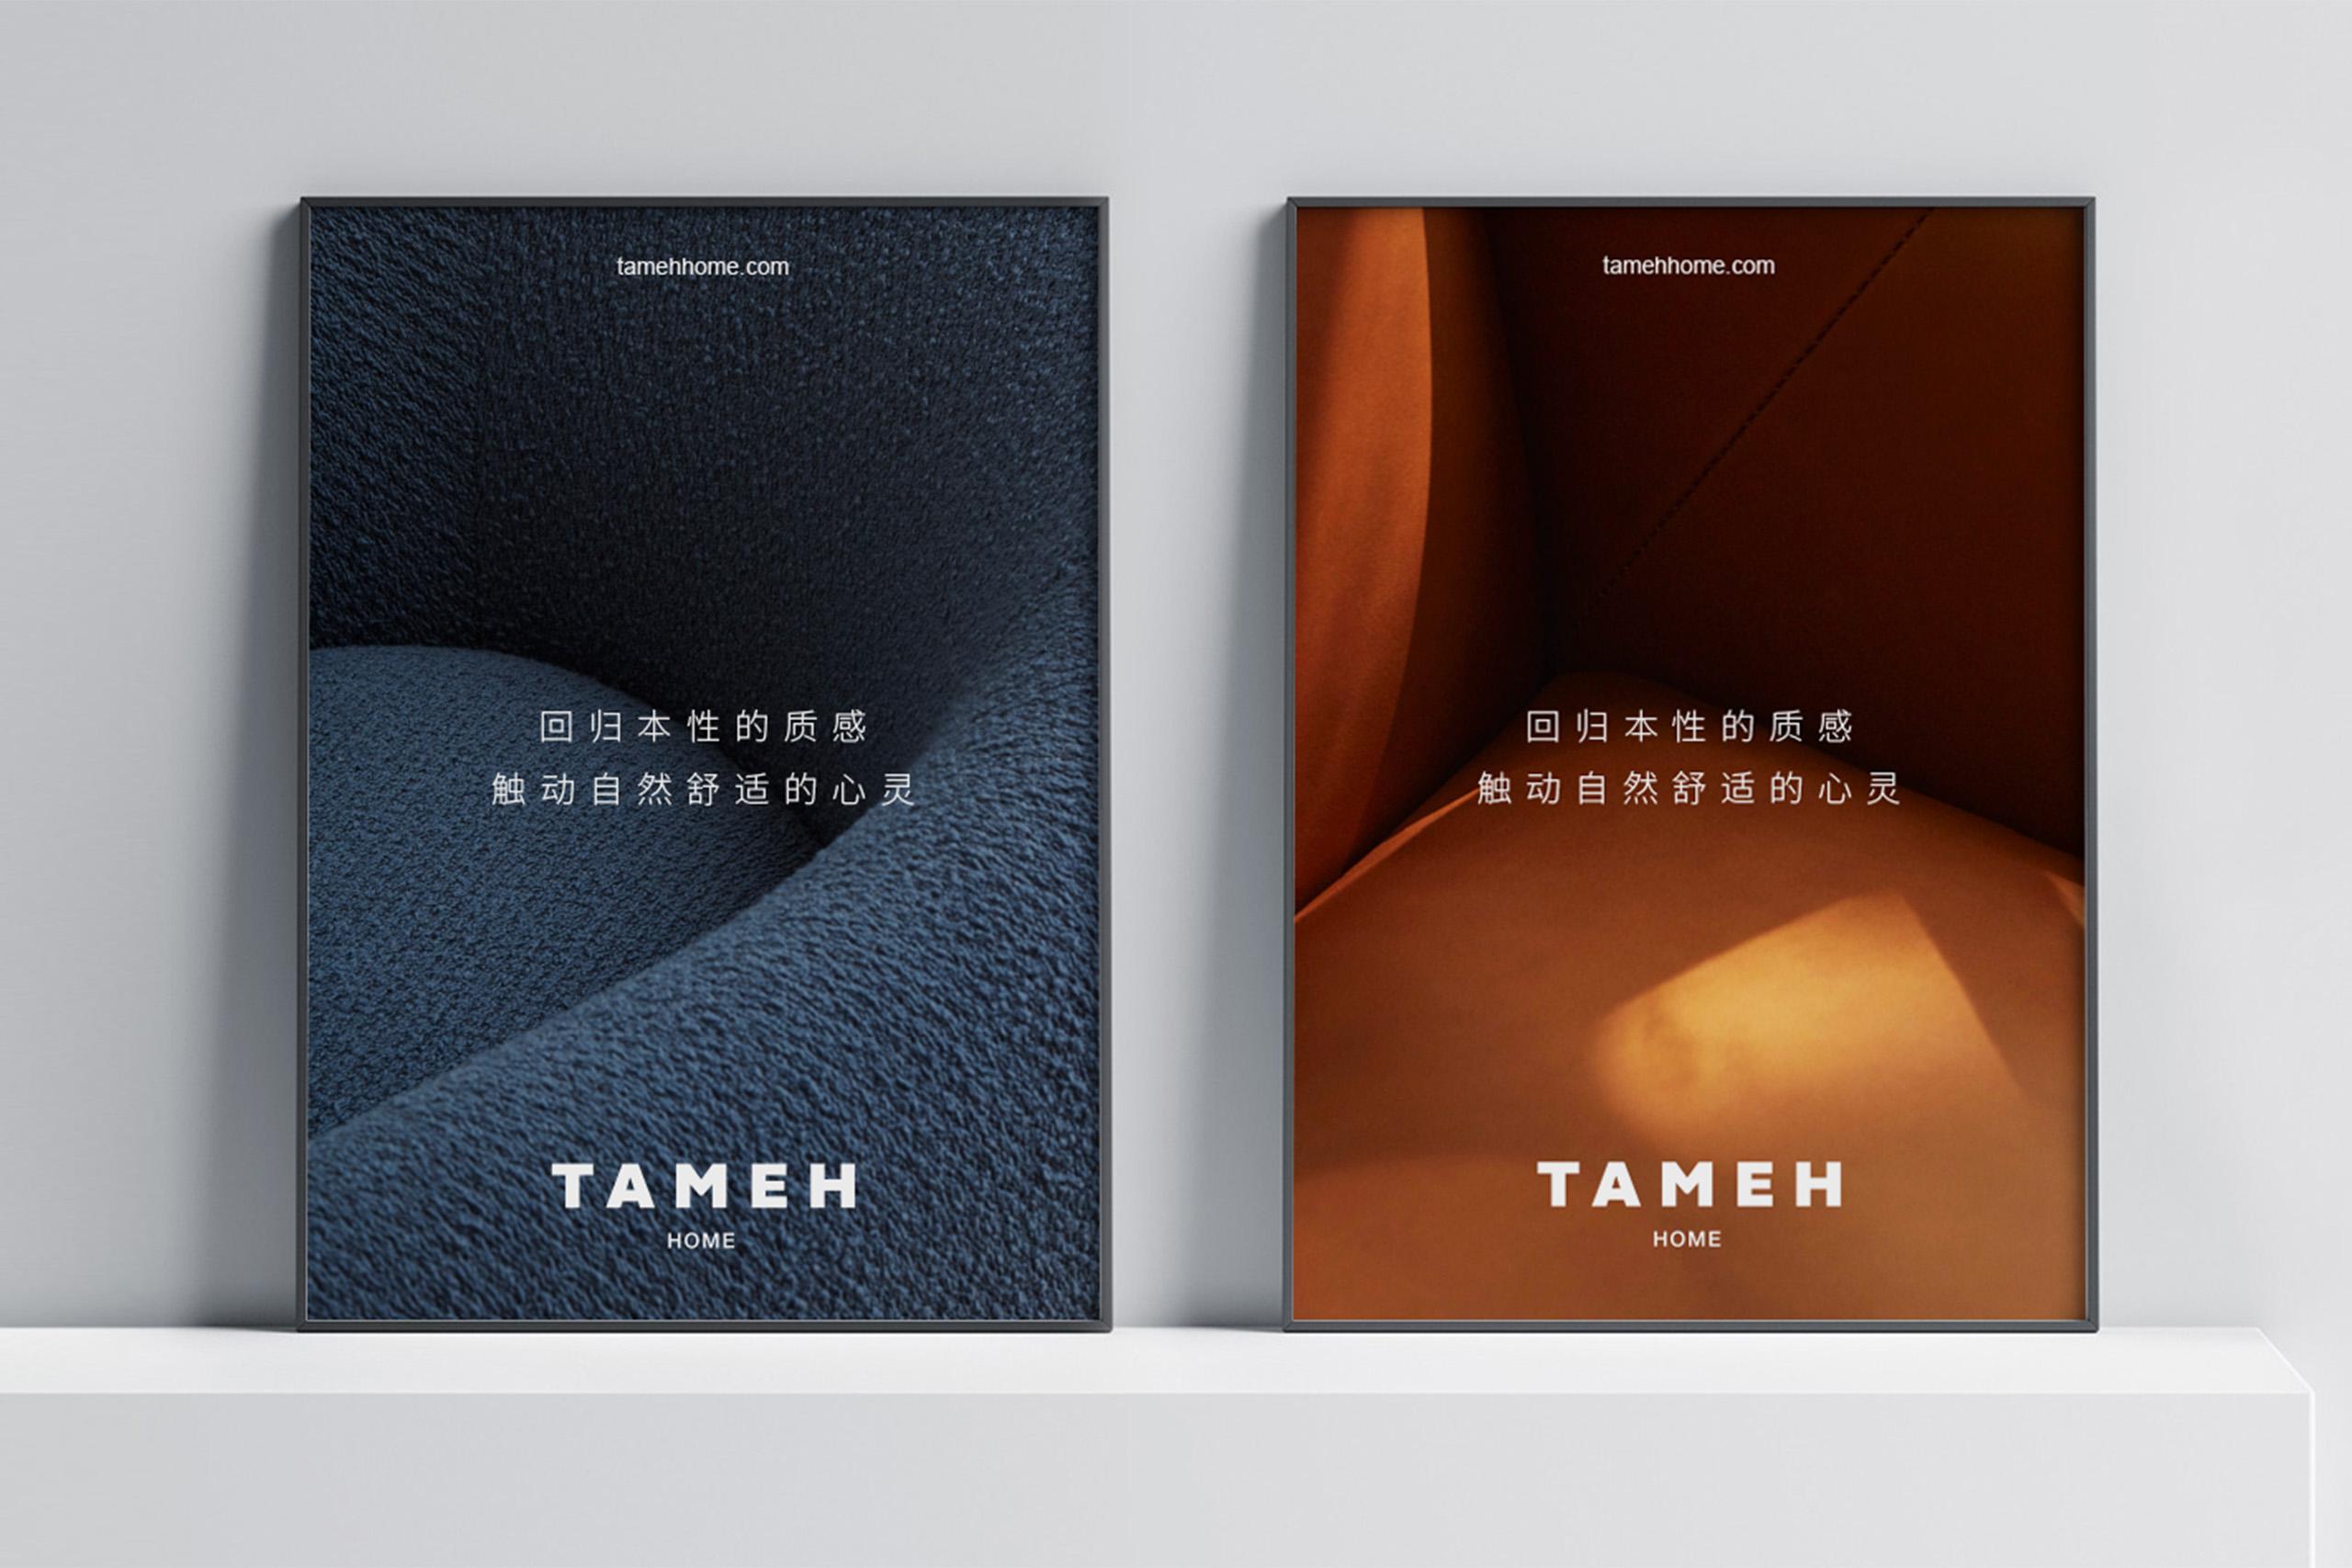 QIU_TAMEH_5